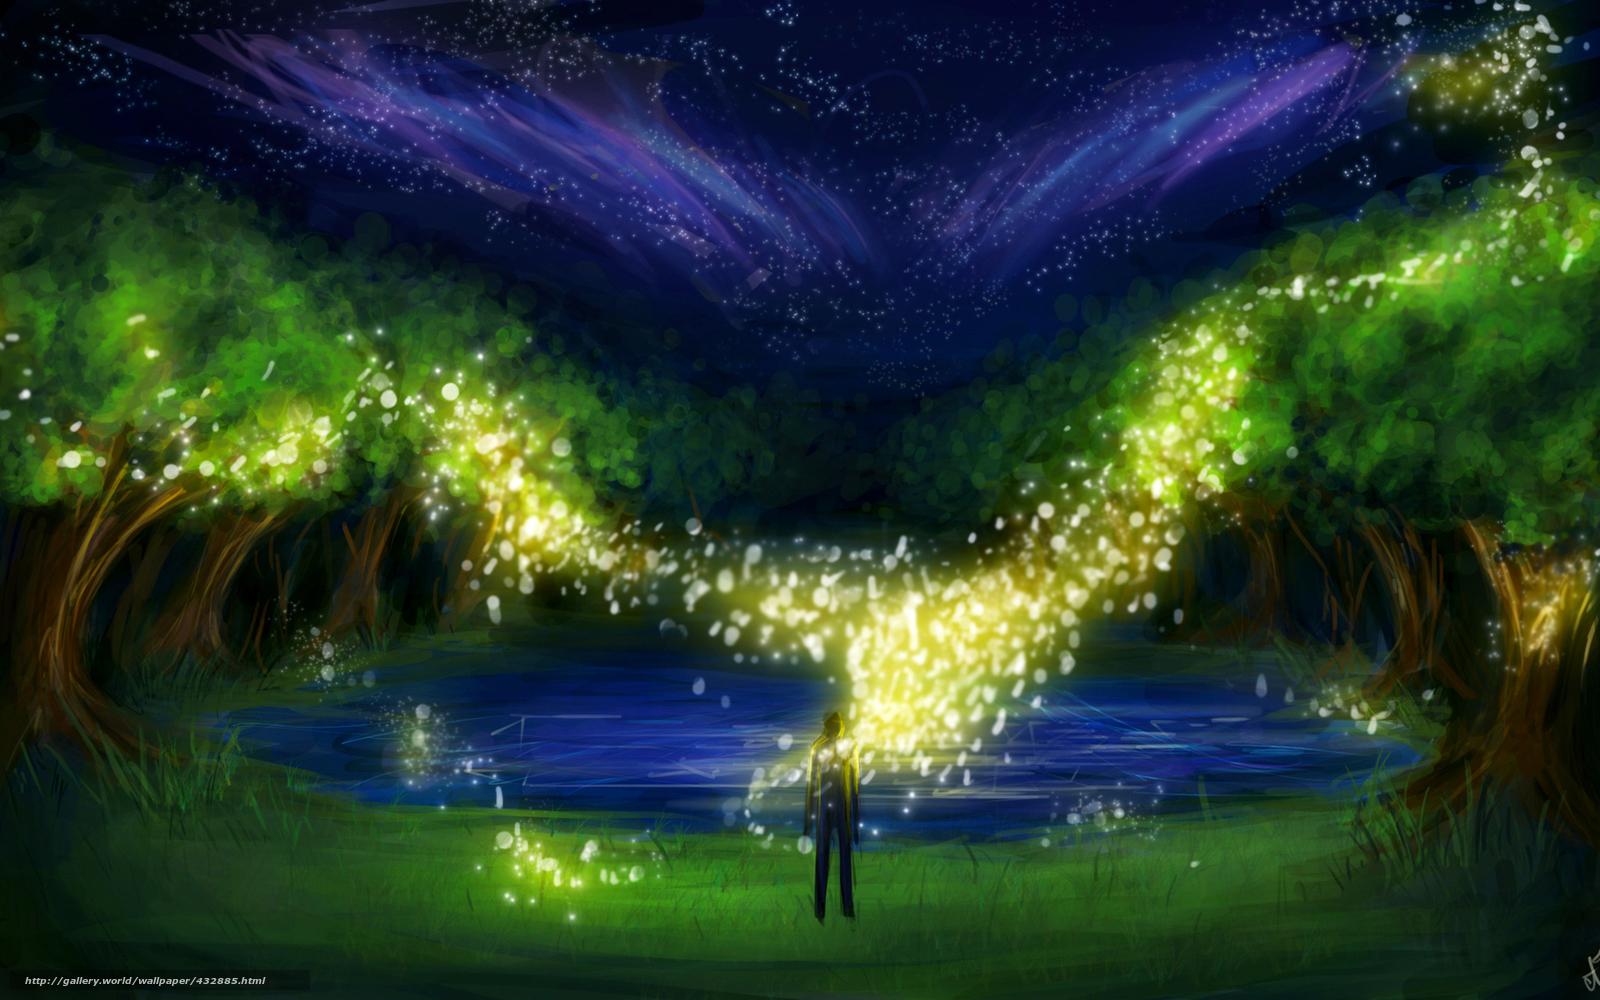 Скачать обои арт,  ночь,  деревья,  человек бесплатно для рабочего стола в разрешении 1680x1050 — картинка №432885